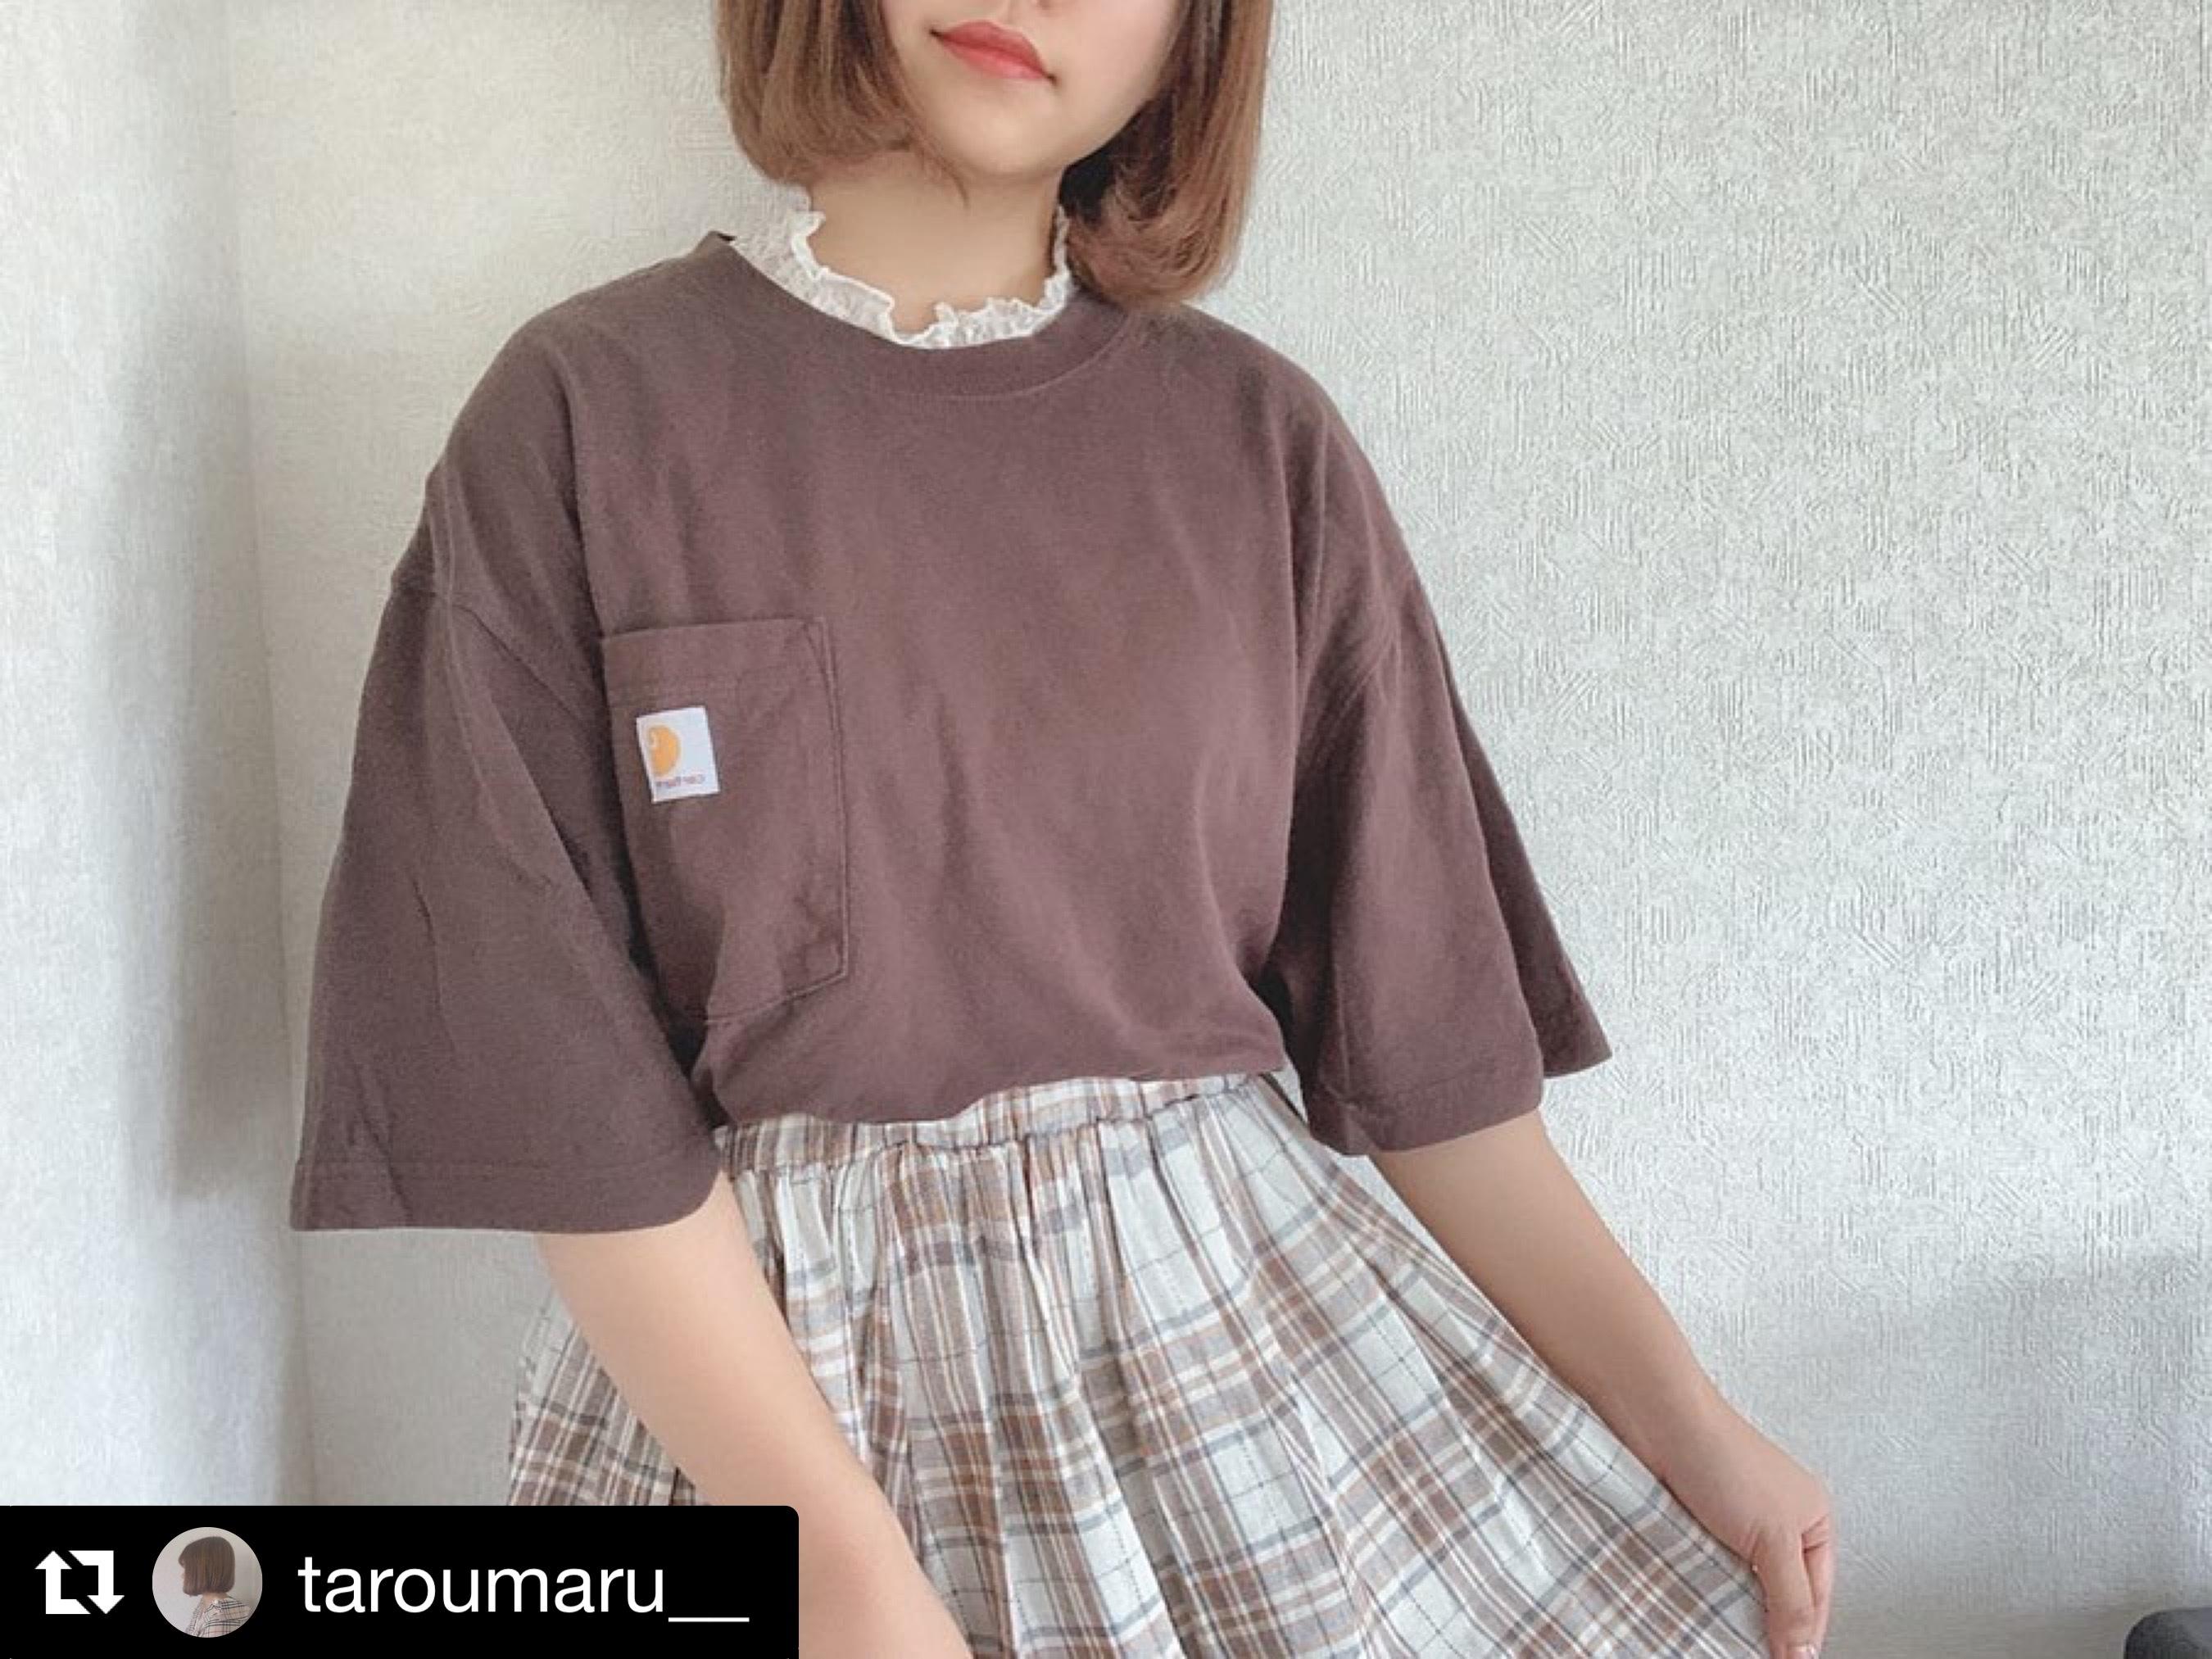 【送料無料】 ナチュラルコーデに♡ オーバーサイズ シャツ × チェック柄 スカート カジュアル セットアップ